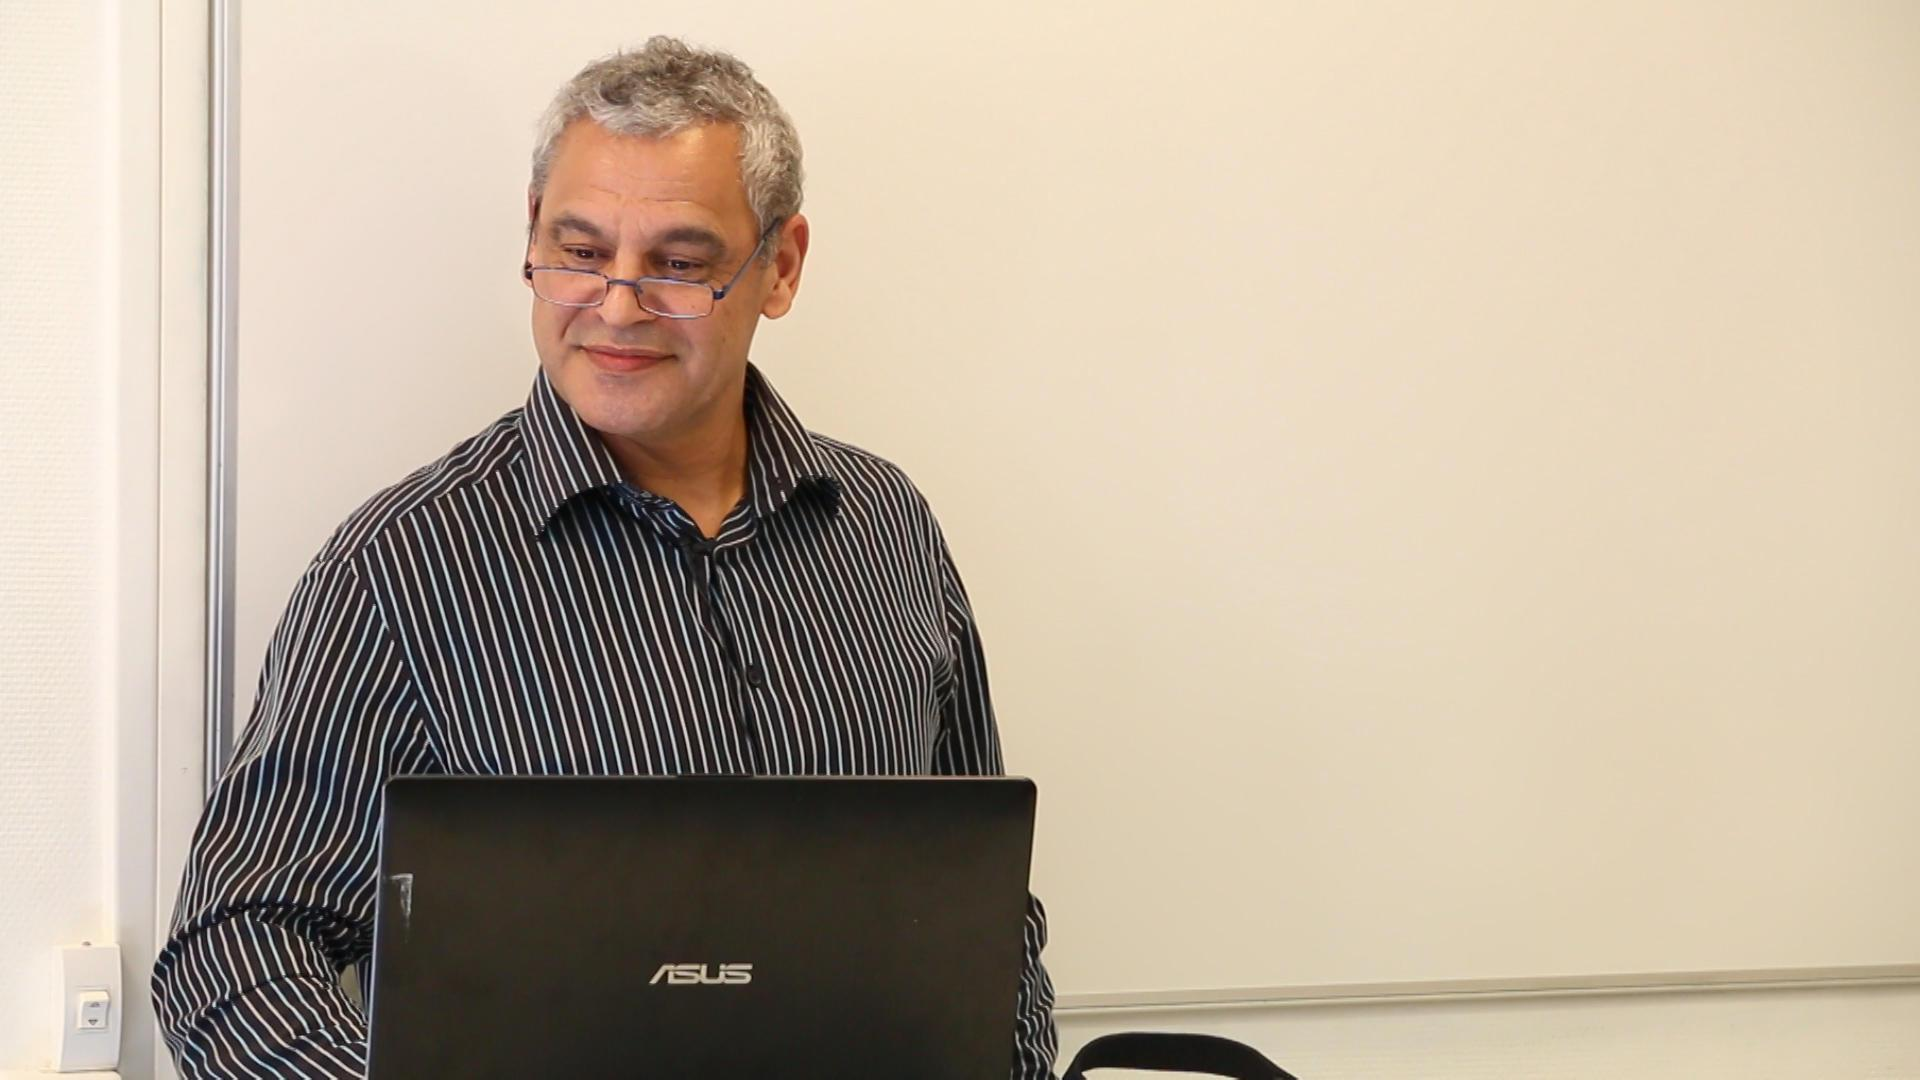 Eric Robinson,  Ostéopathe du Sport, Formateur à l'Ecole Supérieure de Santé de l'Université Lusofona lors du Congrès Ostéobio 2019